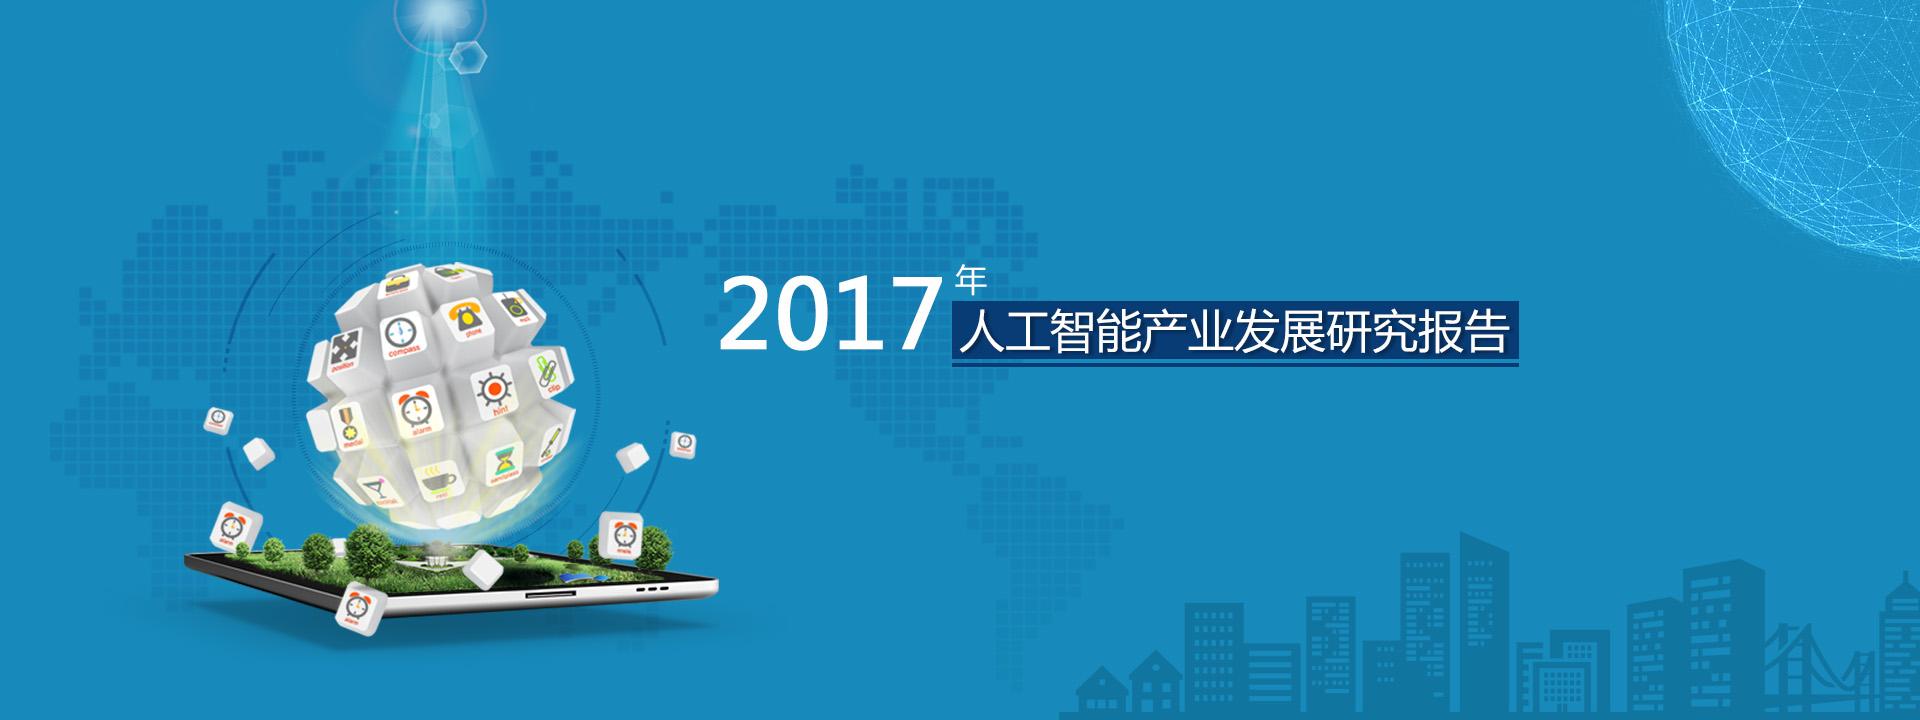 2017年中国人工智能产业发展研究报告